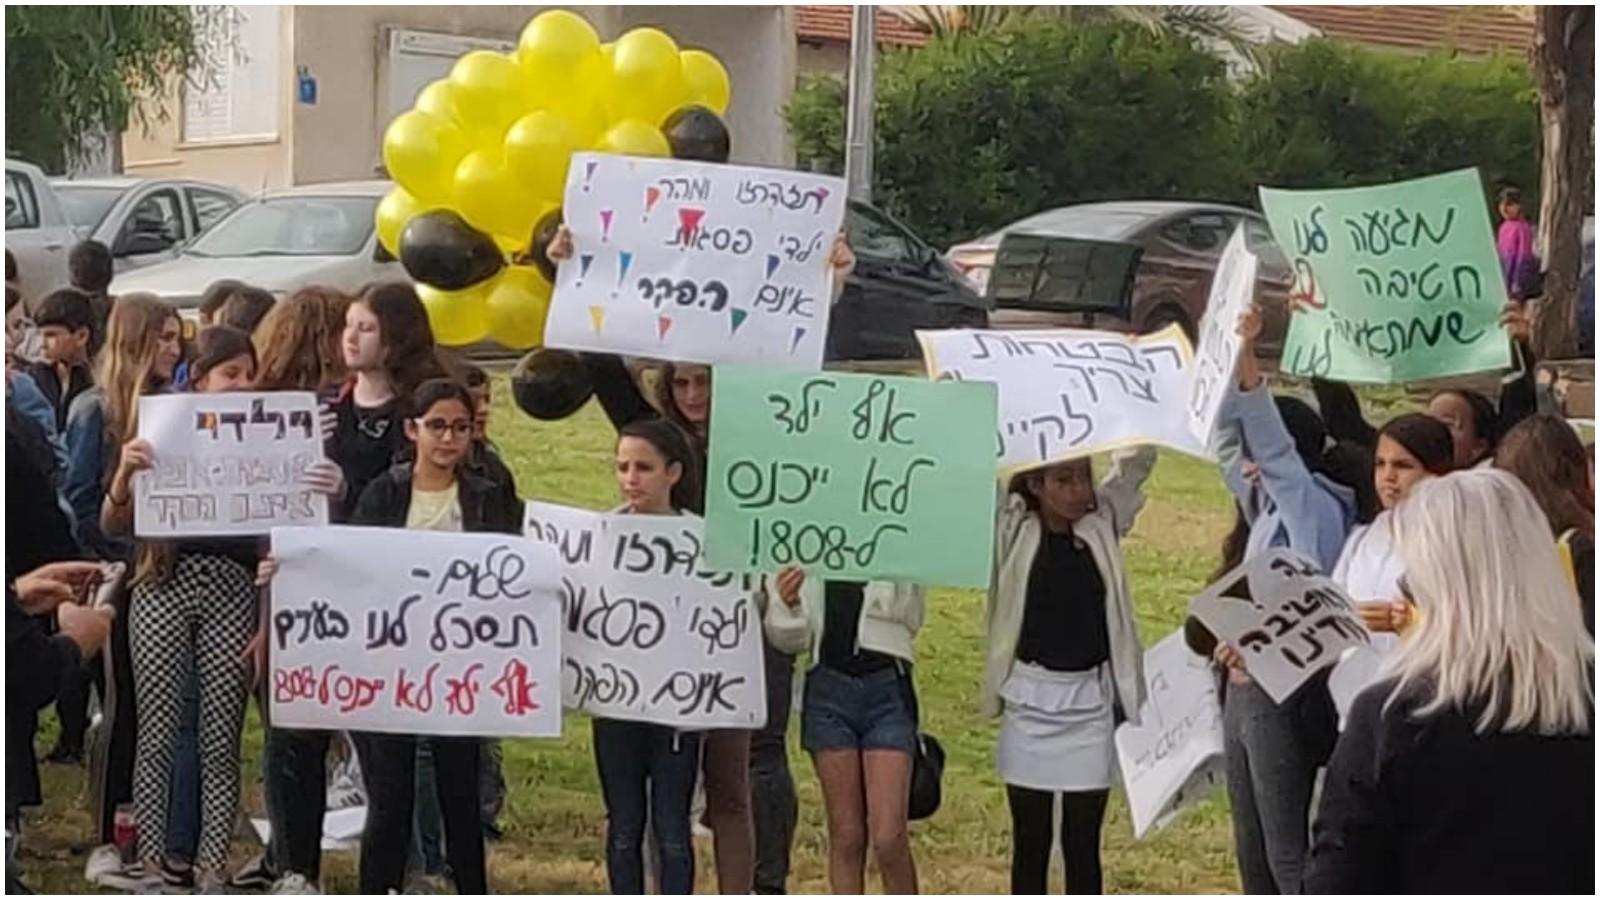 הפגנה ראש העין- נגד שיבוץ הפגנה נגד הלימודים ב-808 בראש העין. באדיבות מטה המאבק